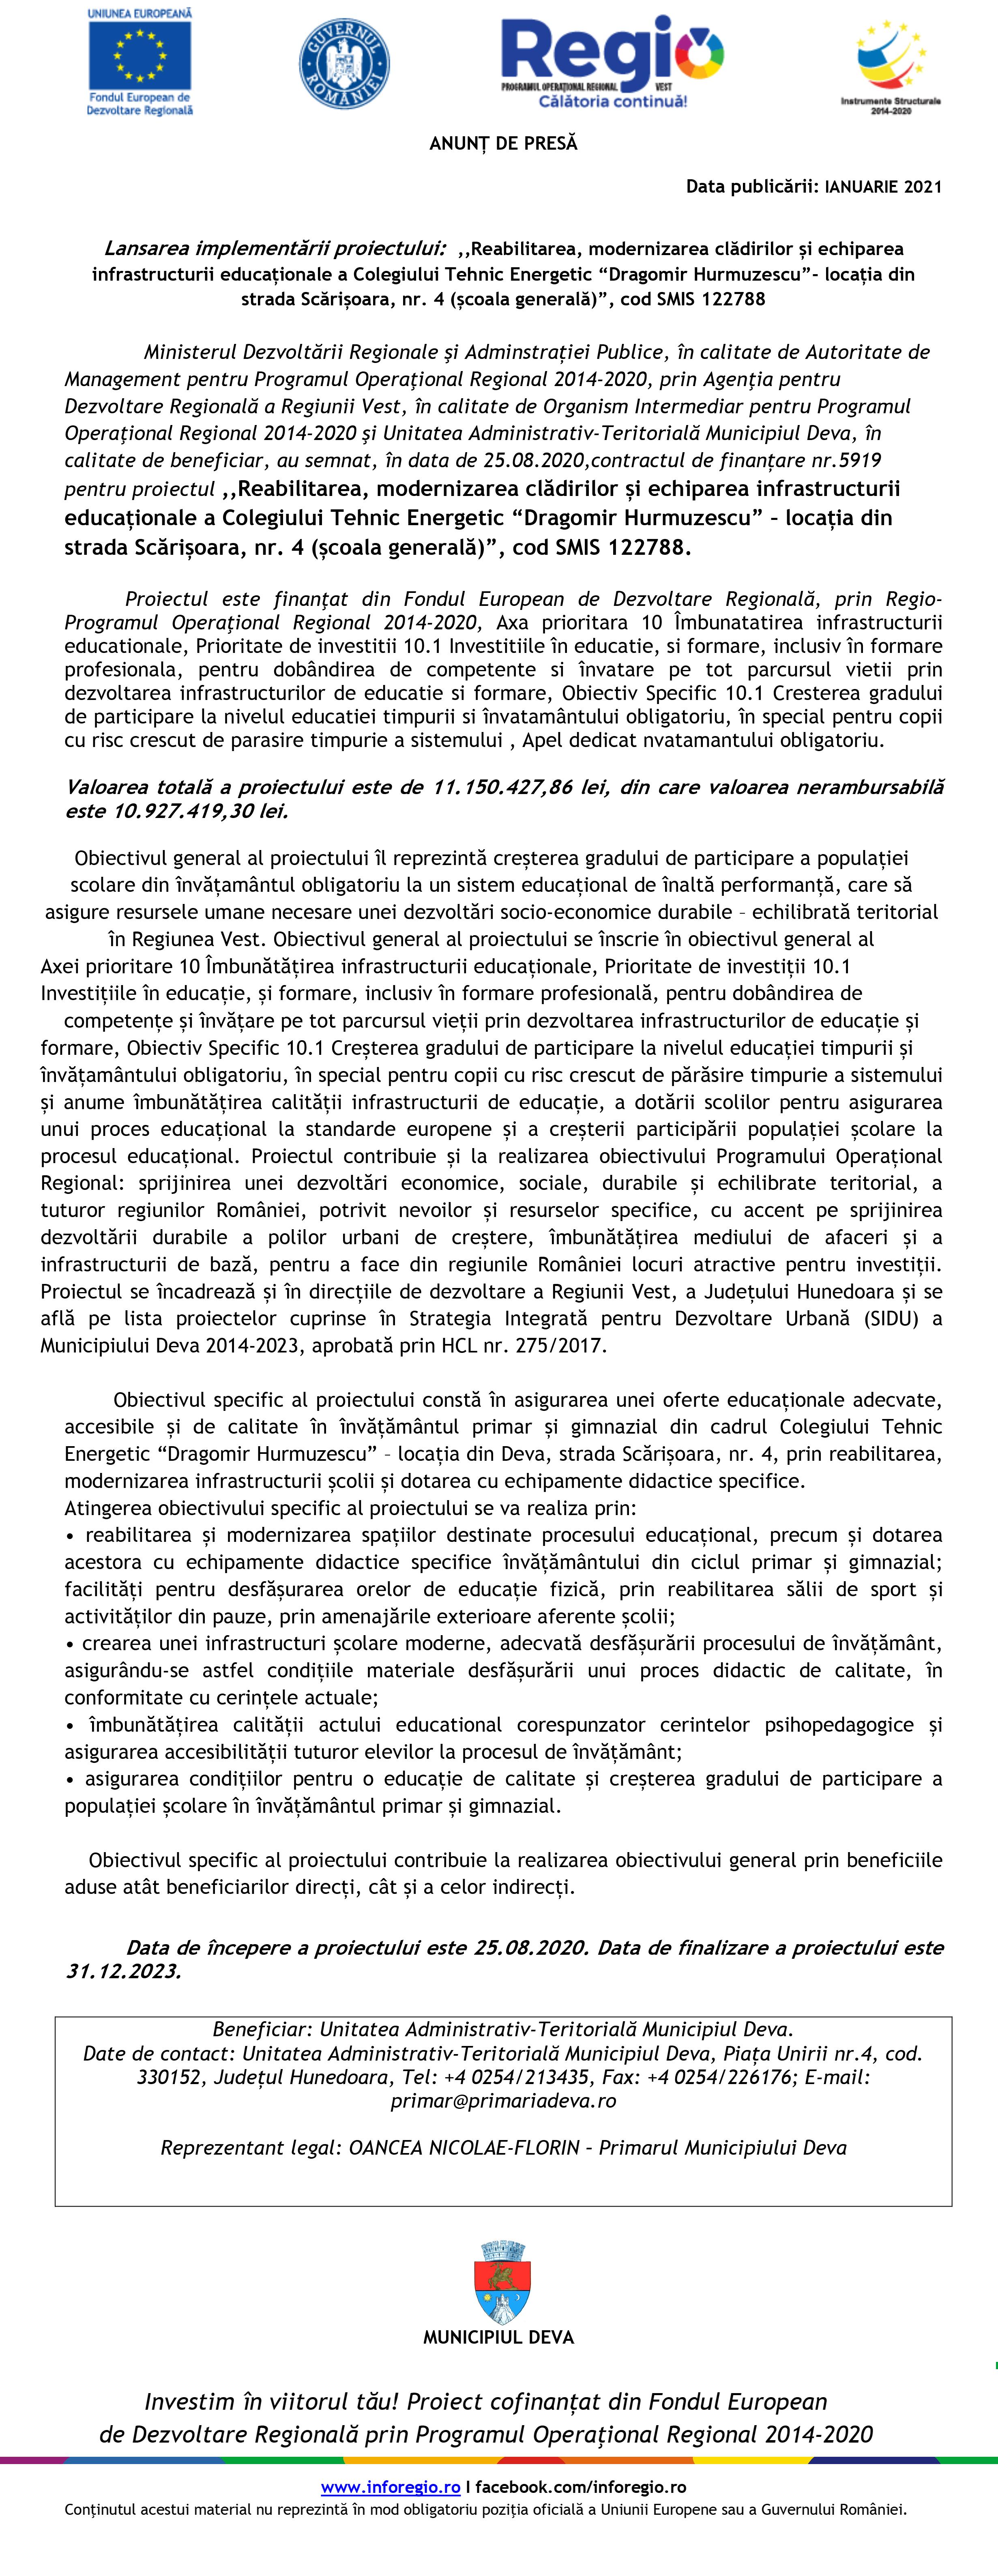 Microsoft Word - MACHETĂ ANUNȚ DE PRESĂ ÎNCEPUTUL PROIECTULU